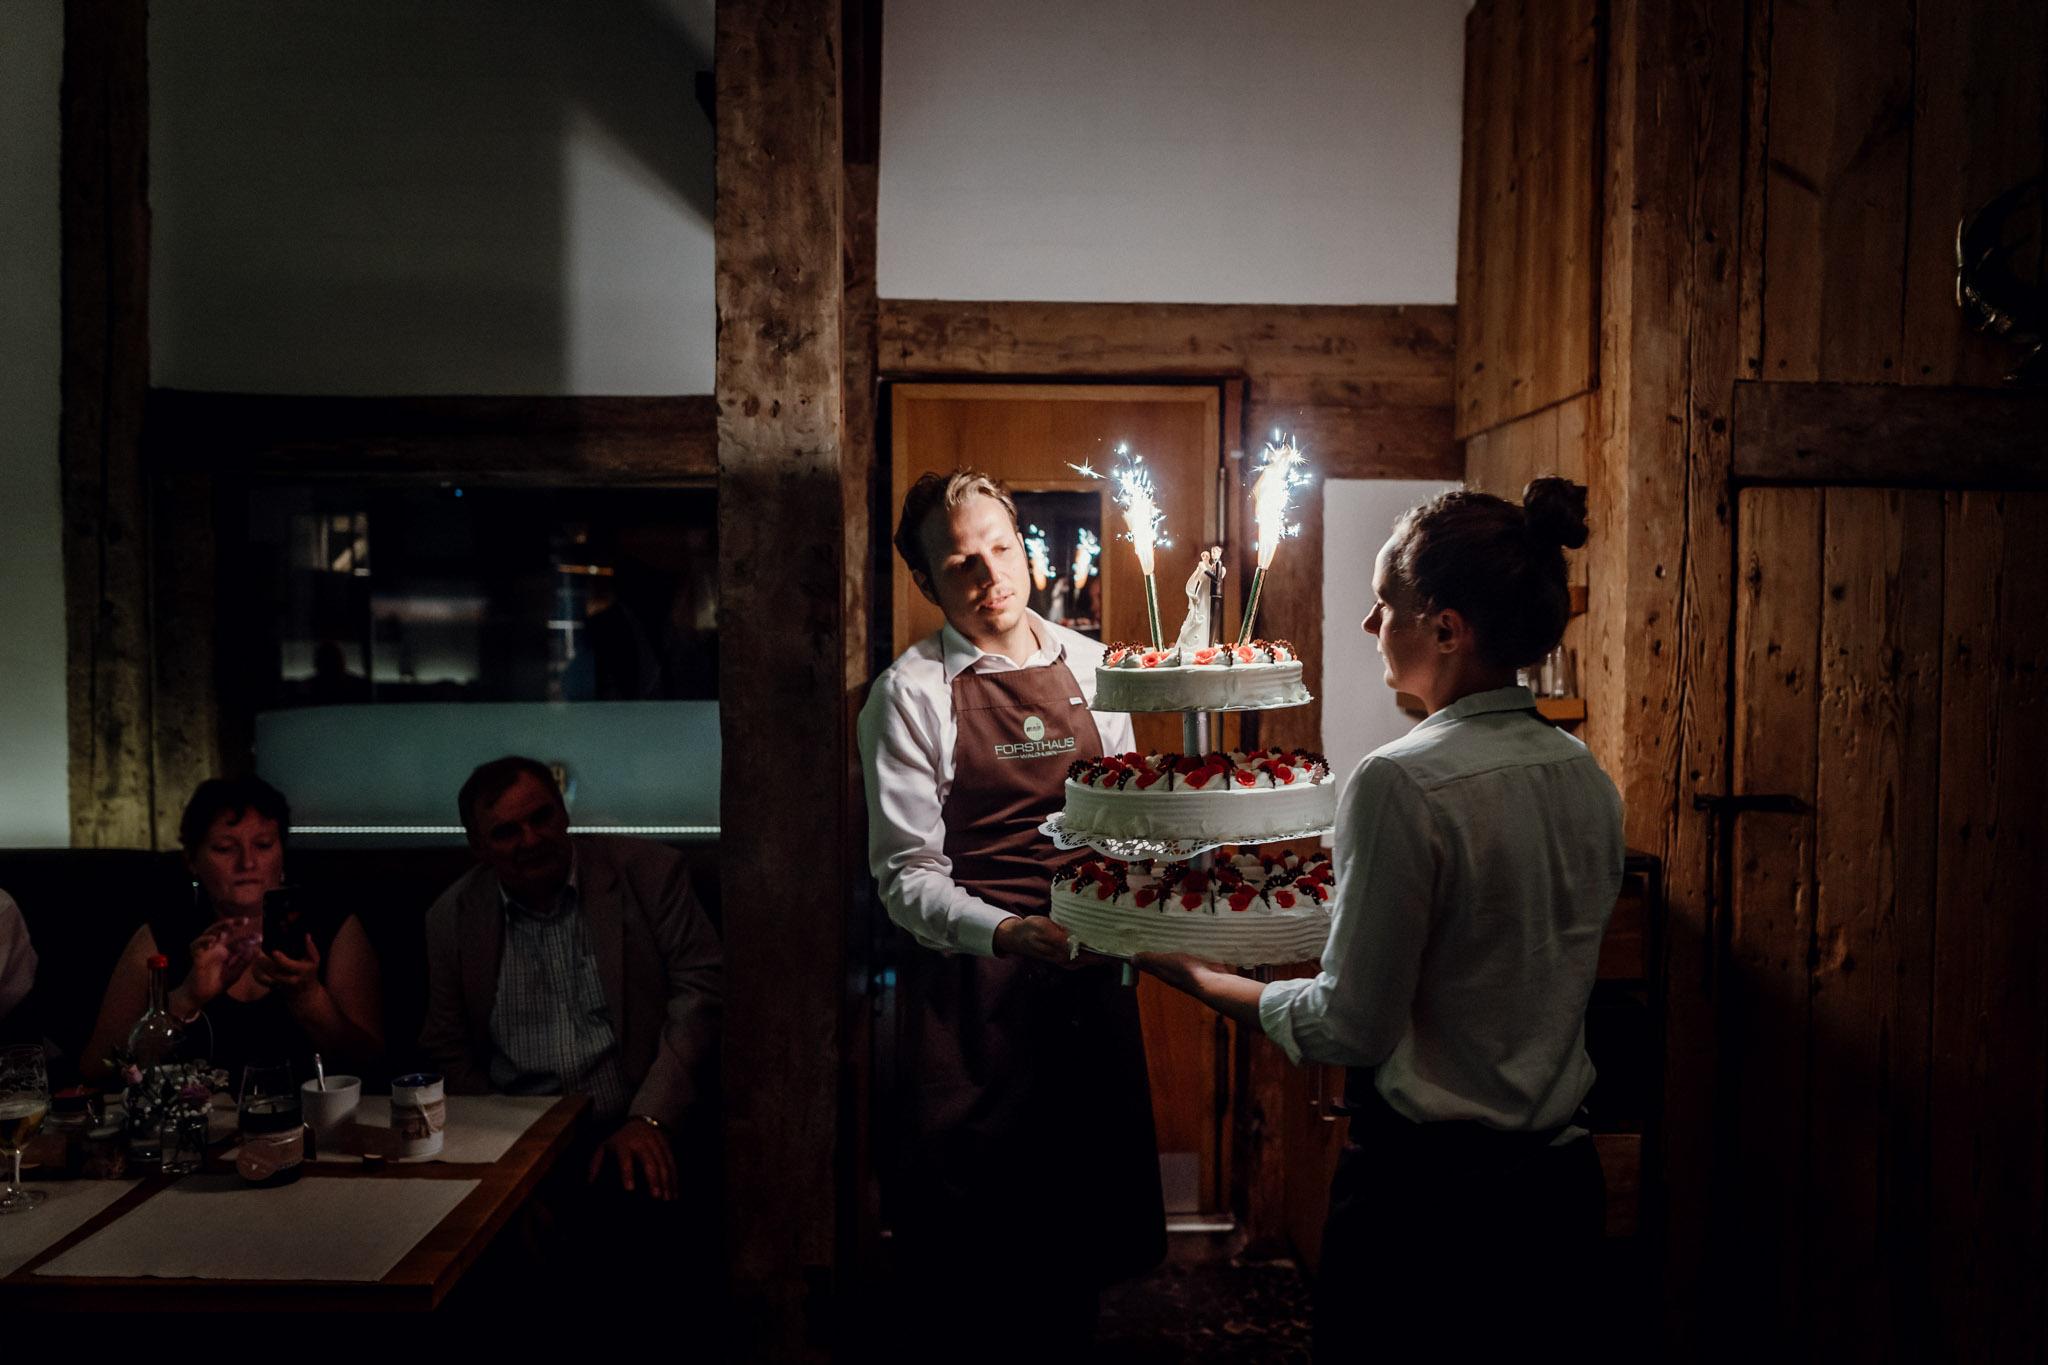 Sven Schomburg Hochzeitsfotografie, Hamburg, Mölln, Hochzeitsfieber by Photo-Schomburg, Hochzeitsreportage, Forsthaus Waldhusen, Braut, Bräutigam-85